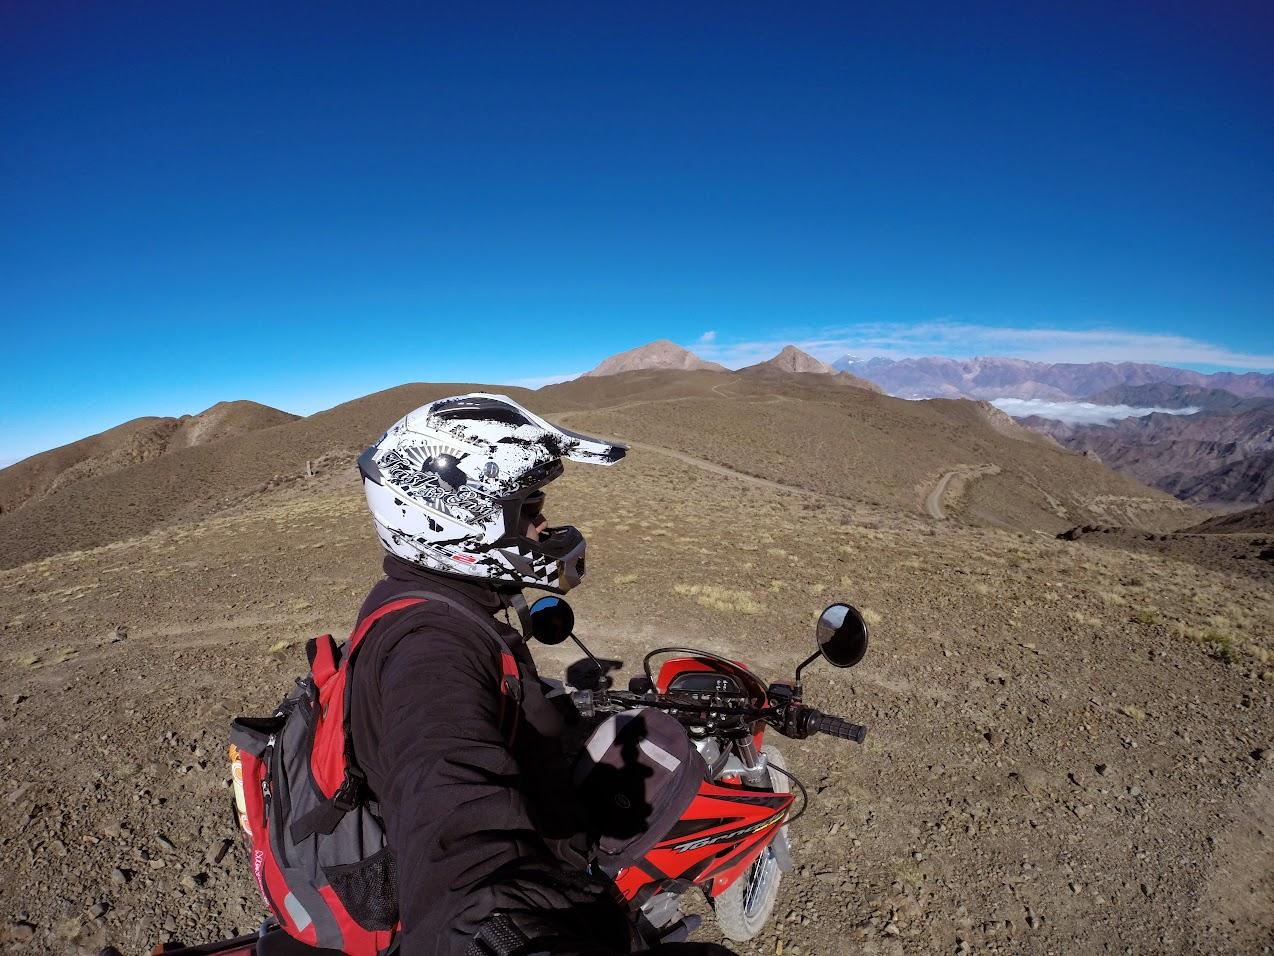 Al cerro pelado  en moto.(3450mts) LFkm3FjUTxJduwQ8962drt_rJAcfQQDNx2lFZ3LoAzUq=w1274-h956-no